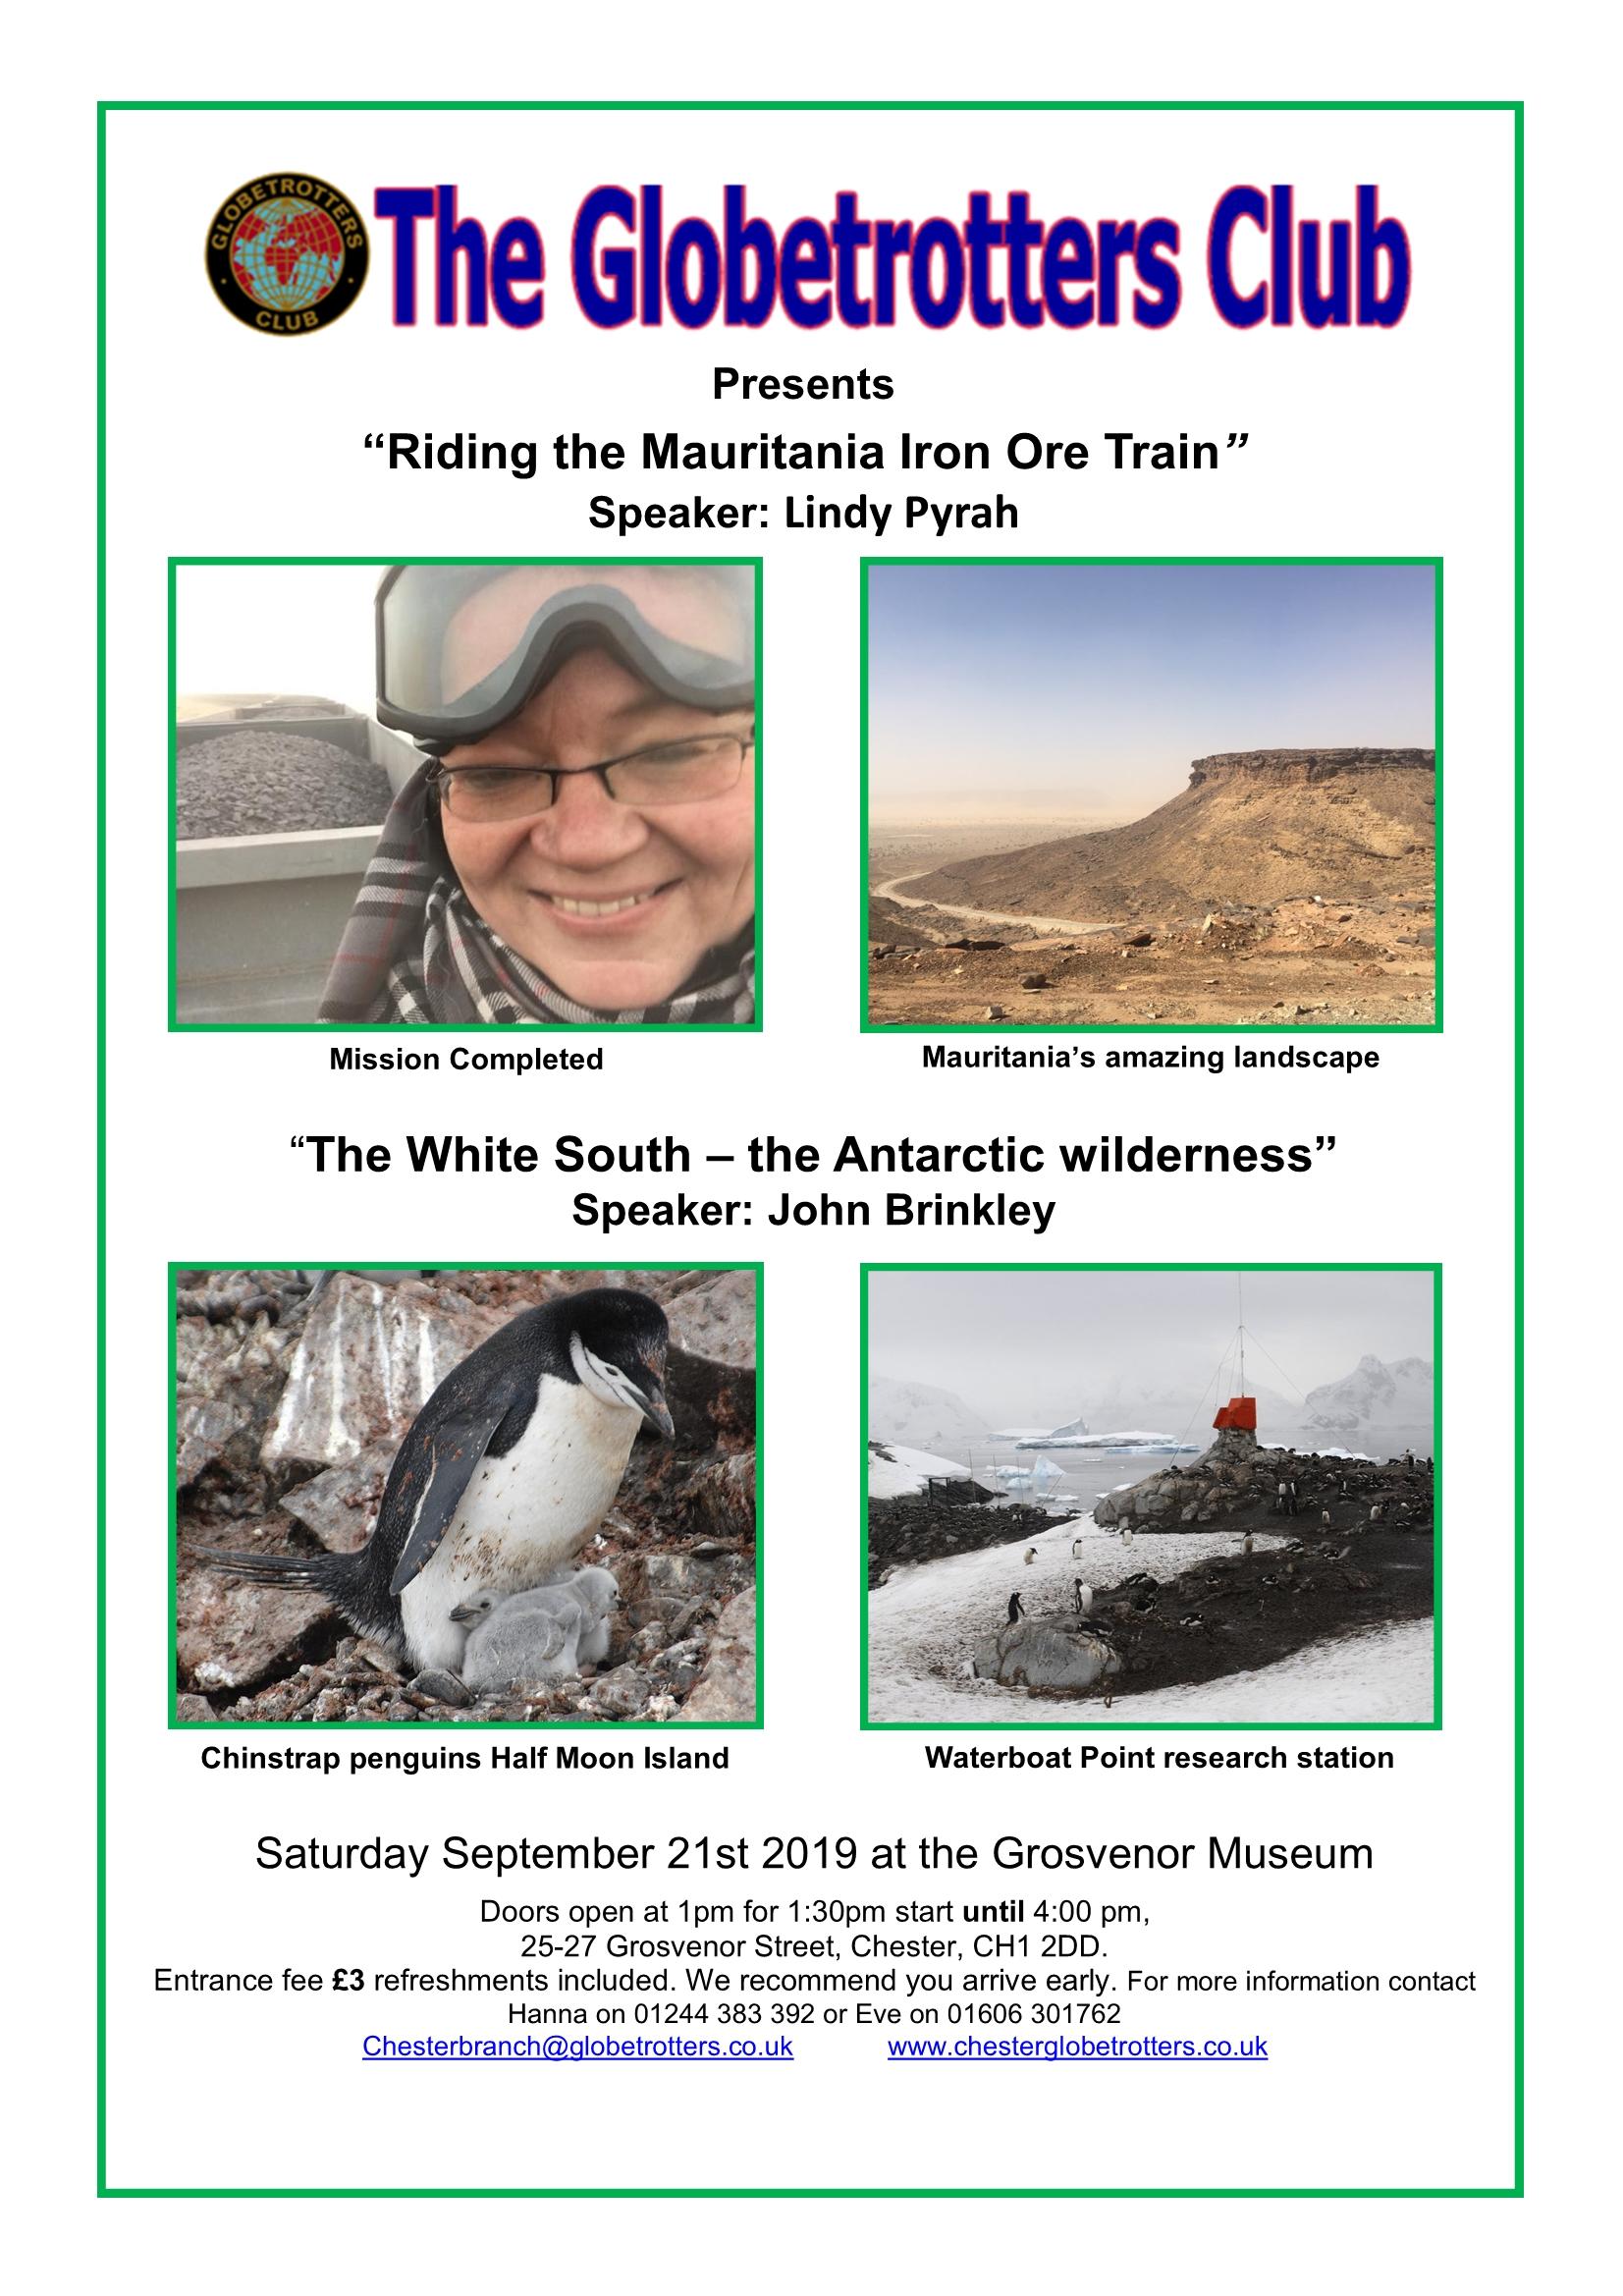 Chester Meeting Poster, September 2019